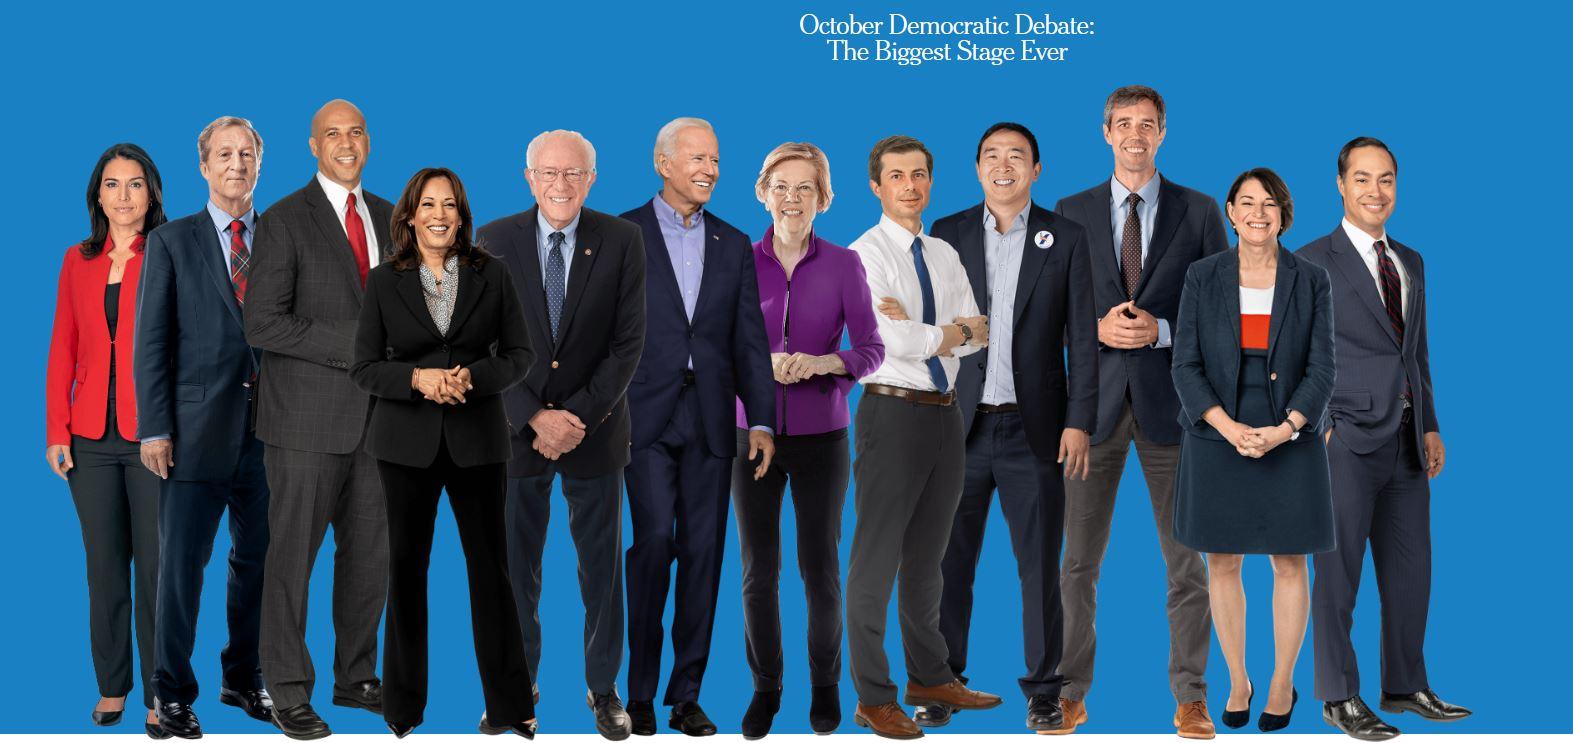 مناظره نامزدهای دموکرات انتخابات ریاستجمهوری آمریکا